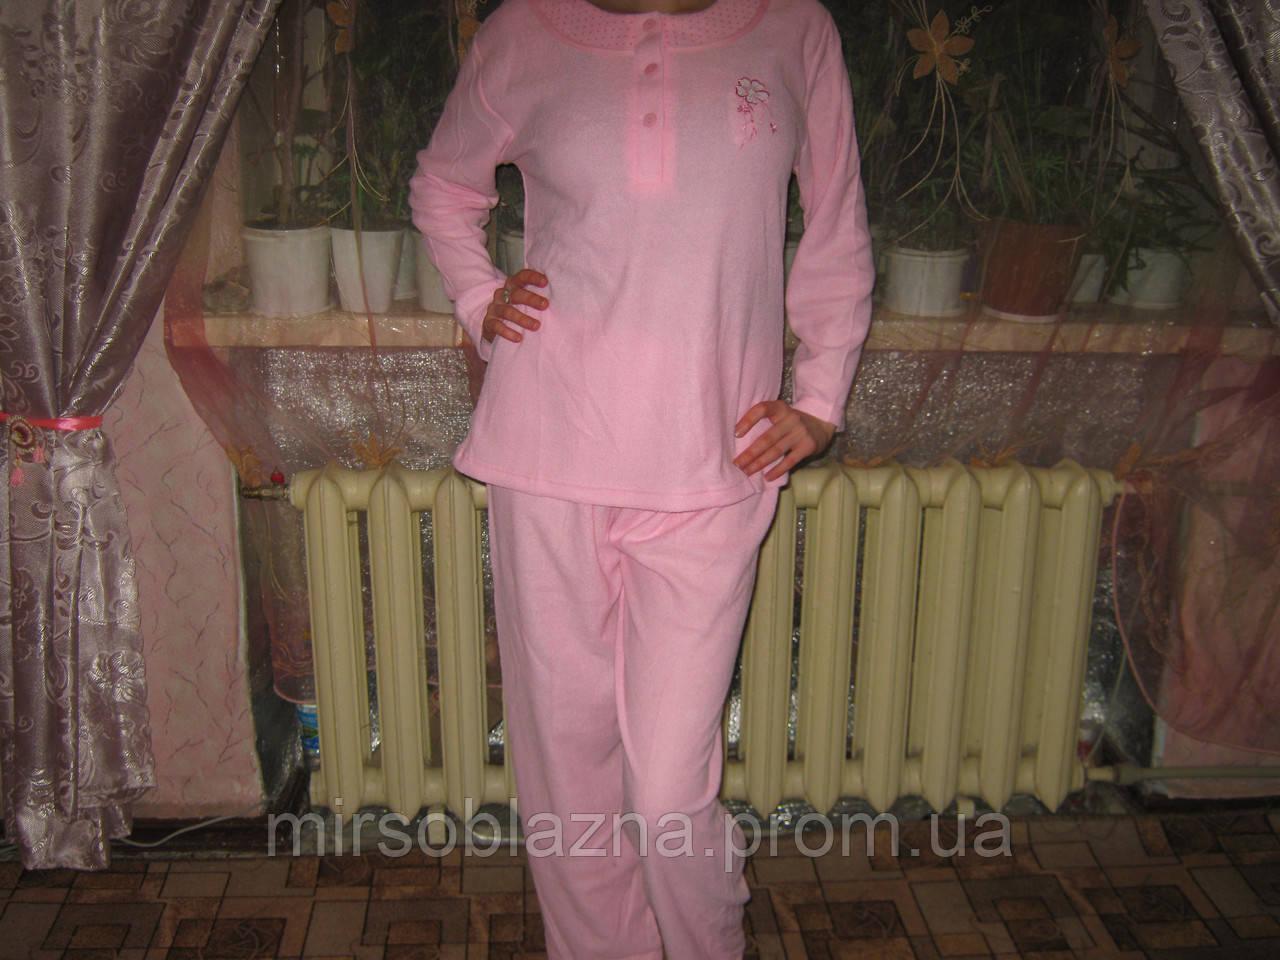 Пижама женская  100% хлопок голубая и розовая размер М (44-46) вышивка